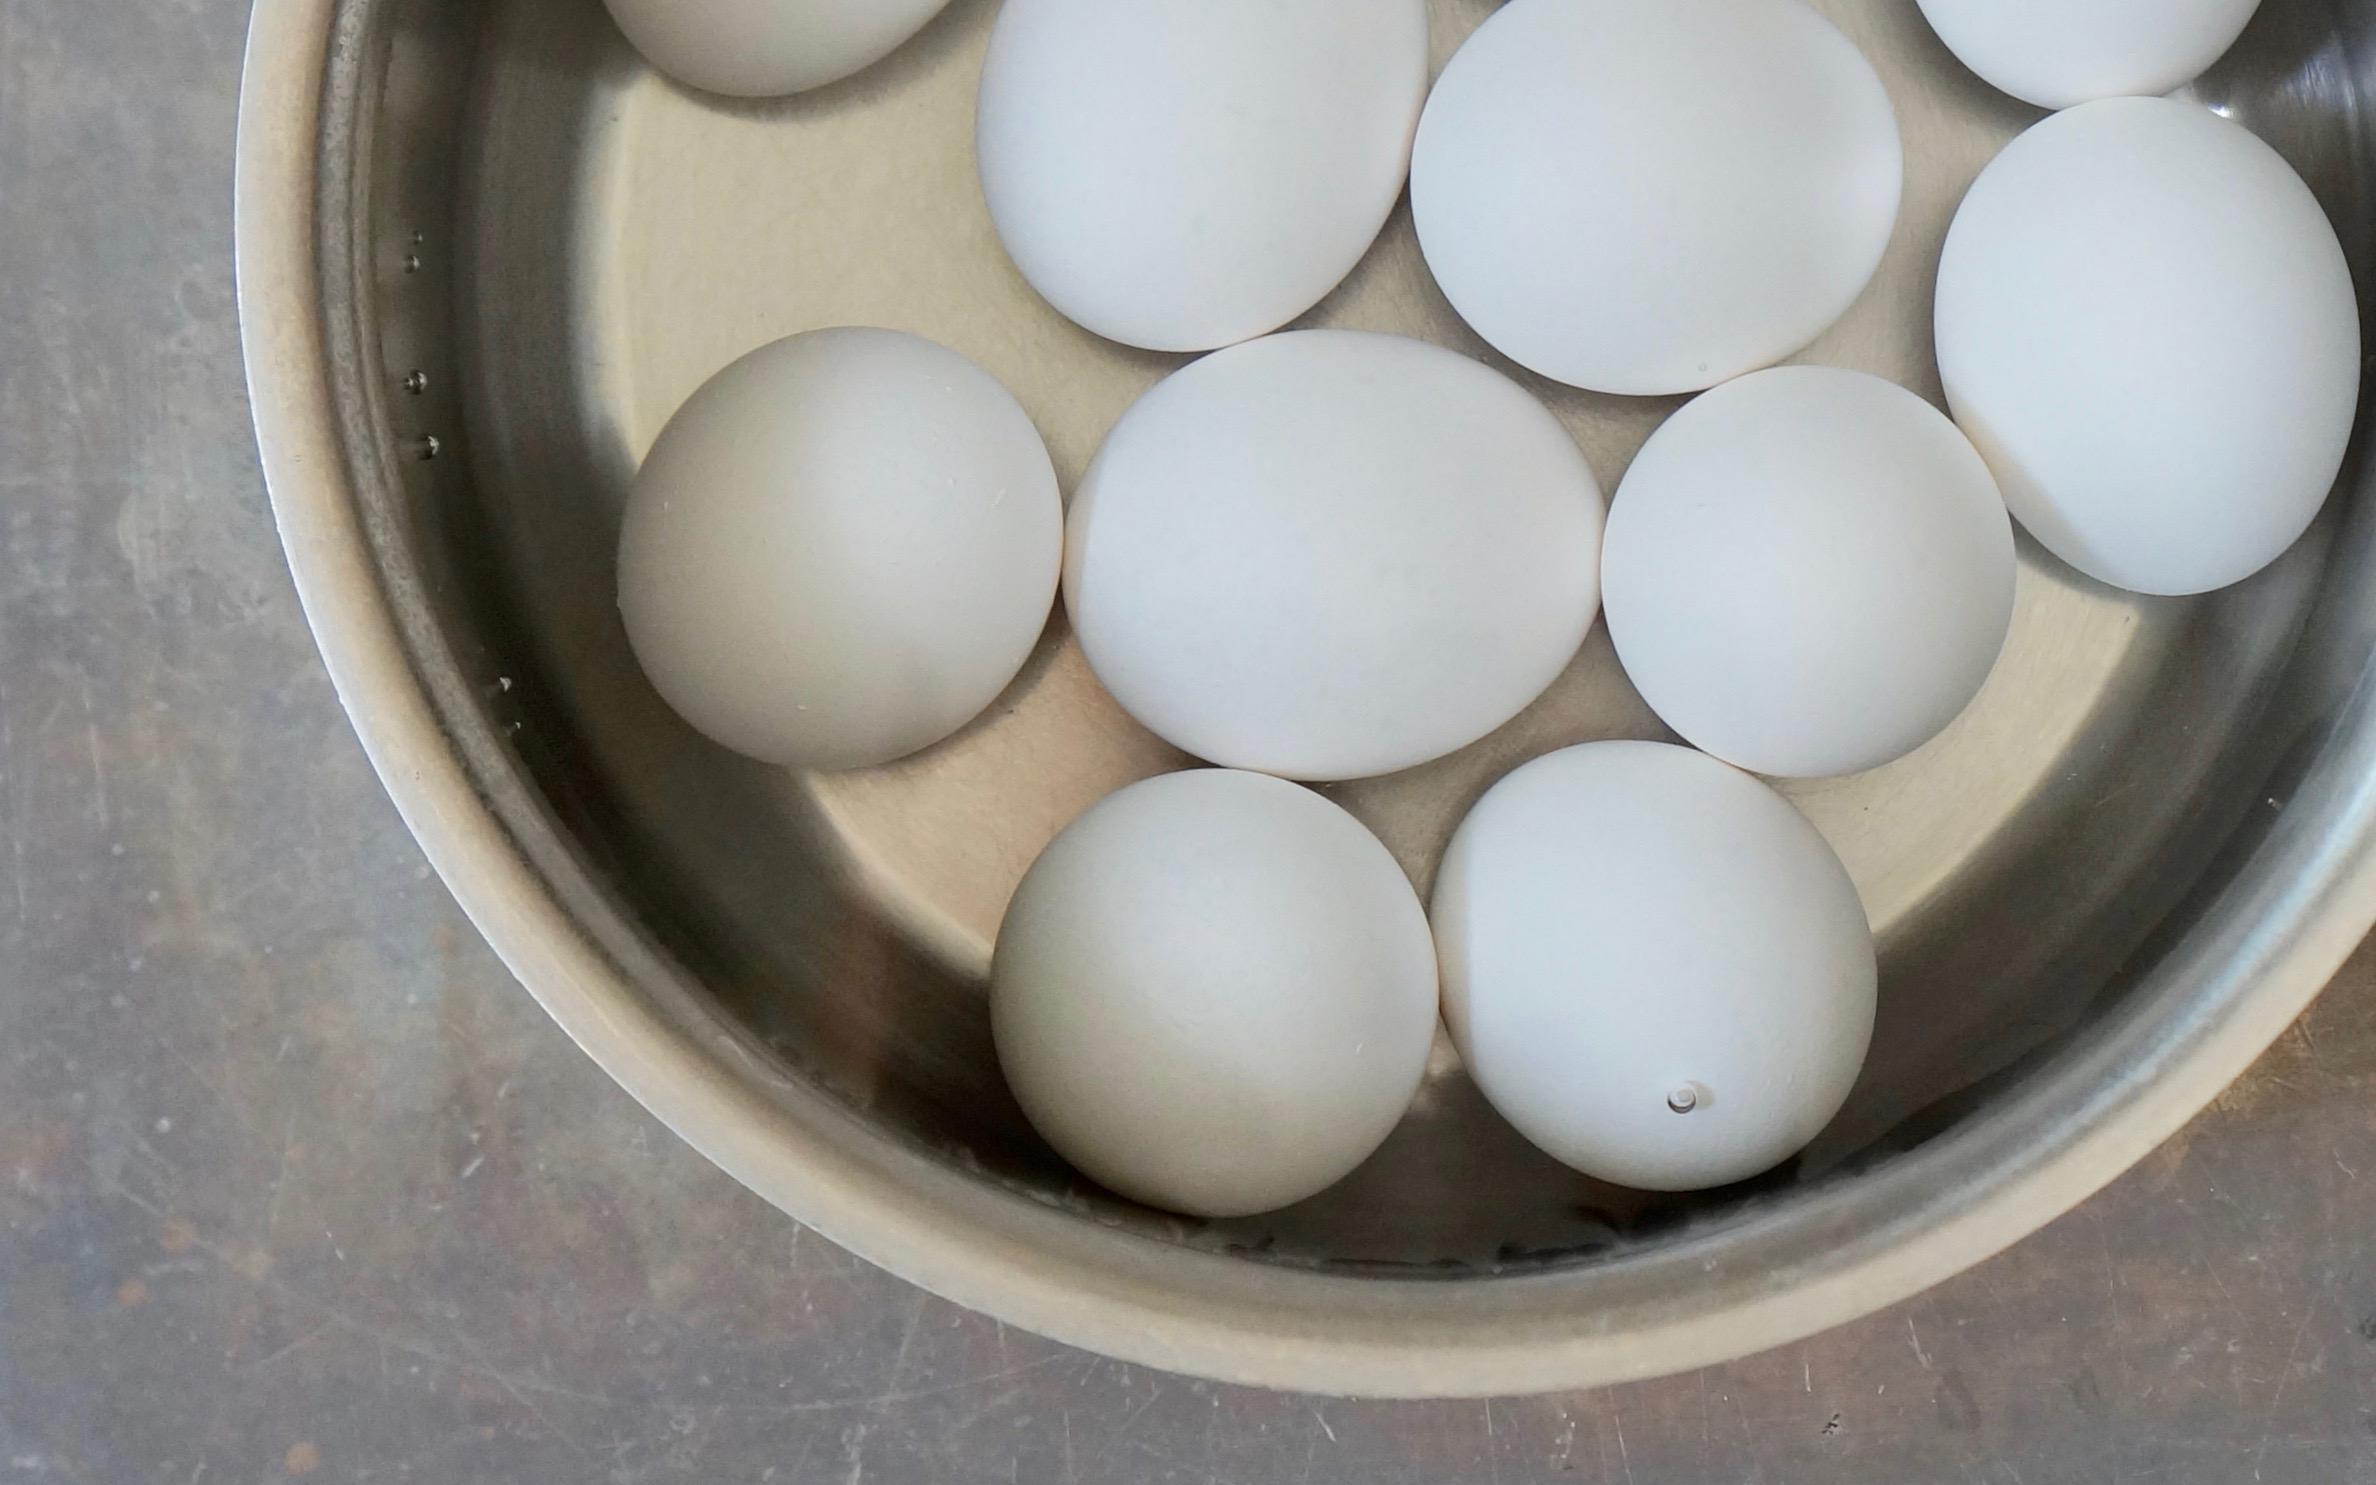 Horseradish-Deviled-Eggs-Rebecca-Gordon-Publisher-Buttermilk-Lipstick-Culinary-Entertaining-Techniques-RebeccaGordon-Pastry-Chef-Birmingham-Alabama